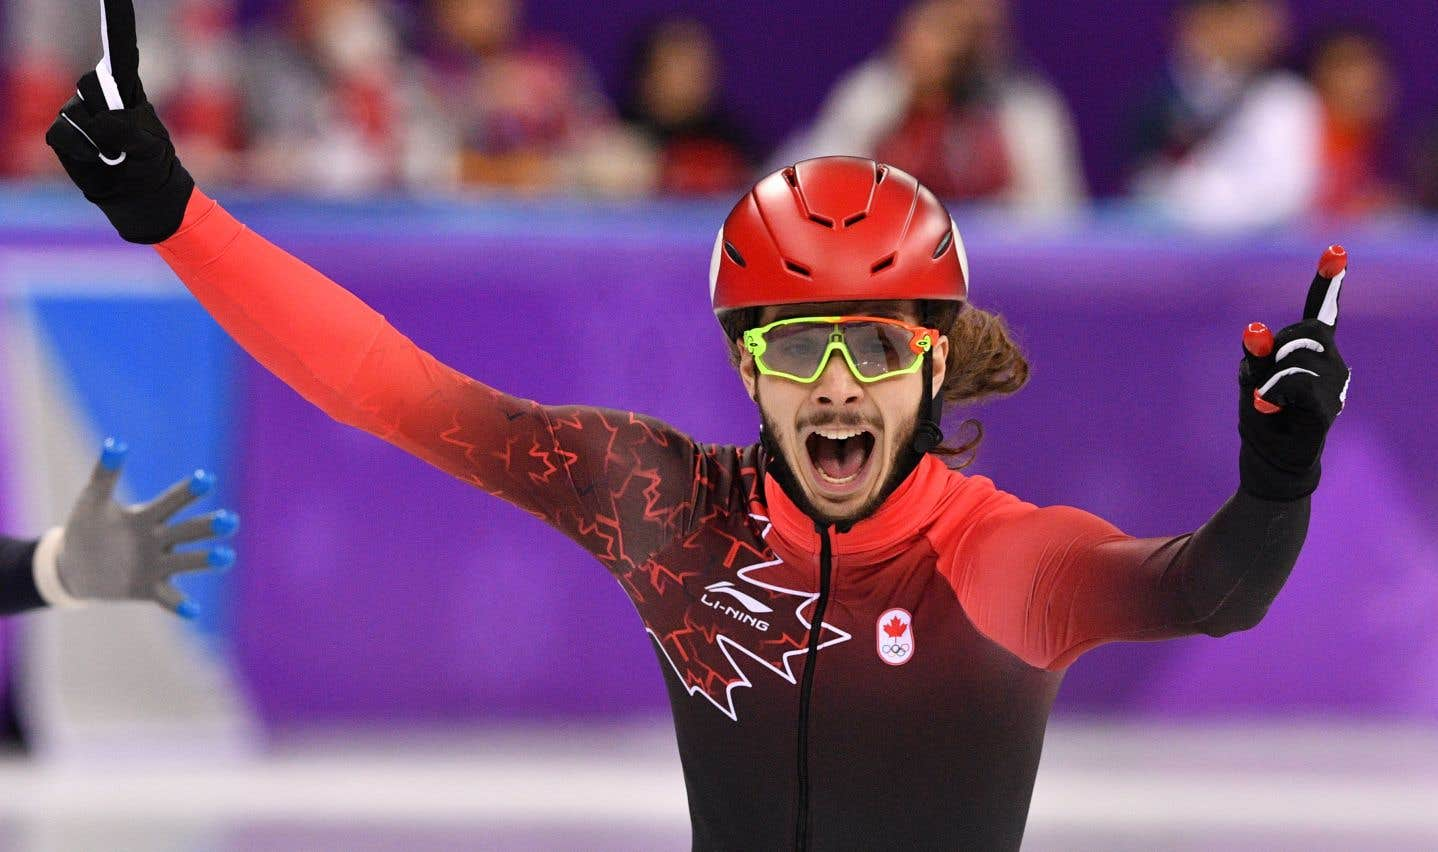 Le patineur de vitesse médaillé d'or Samuel Girard